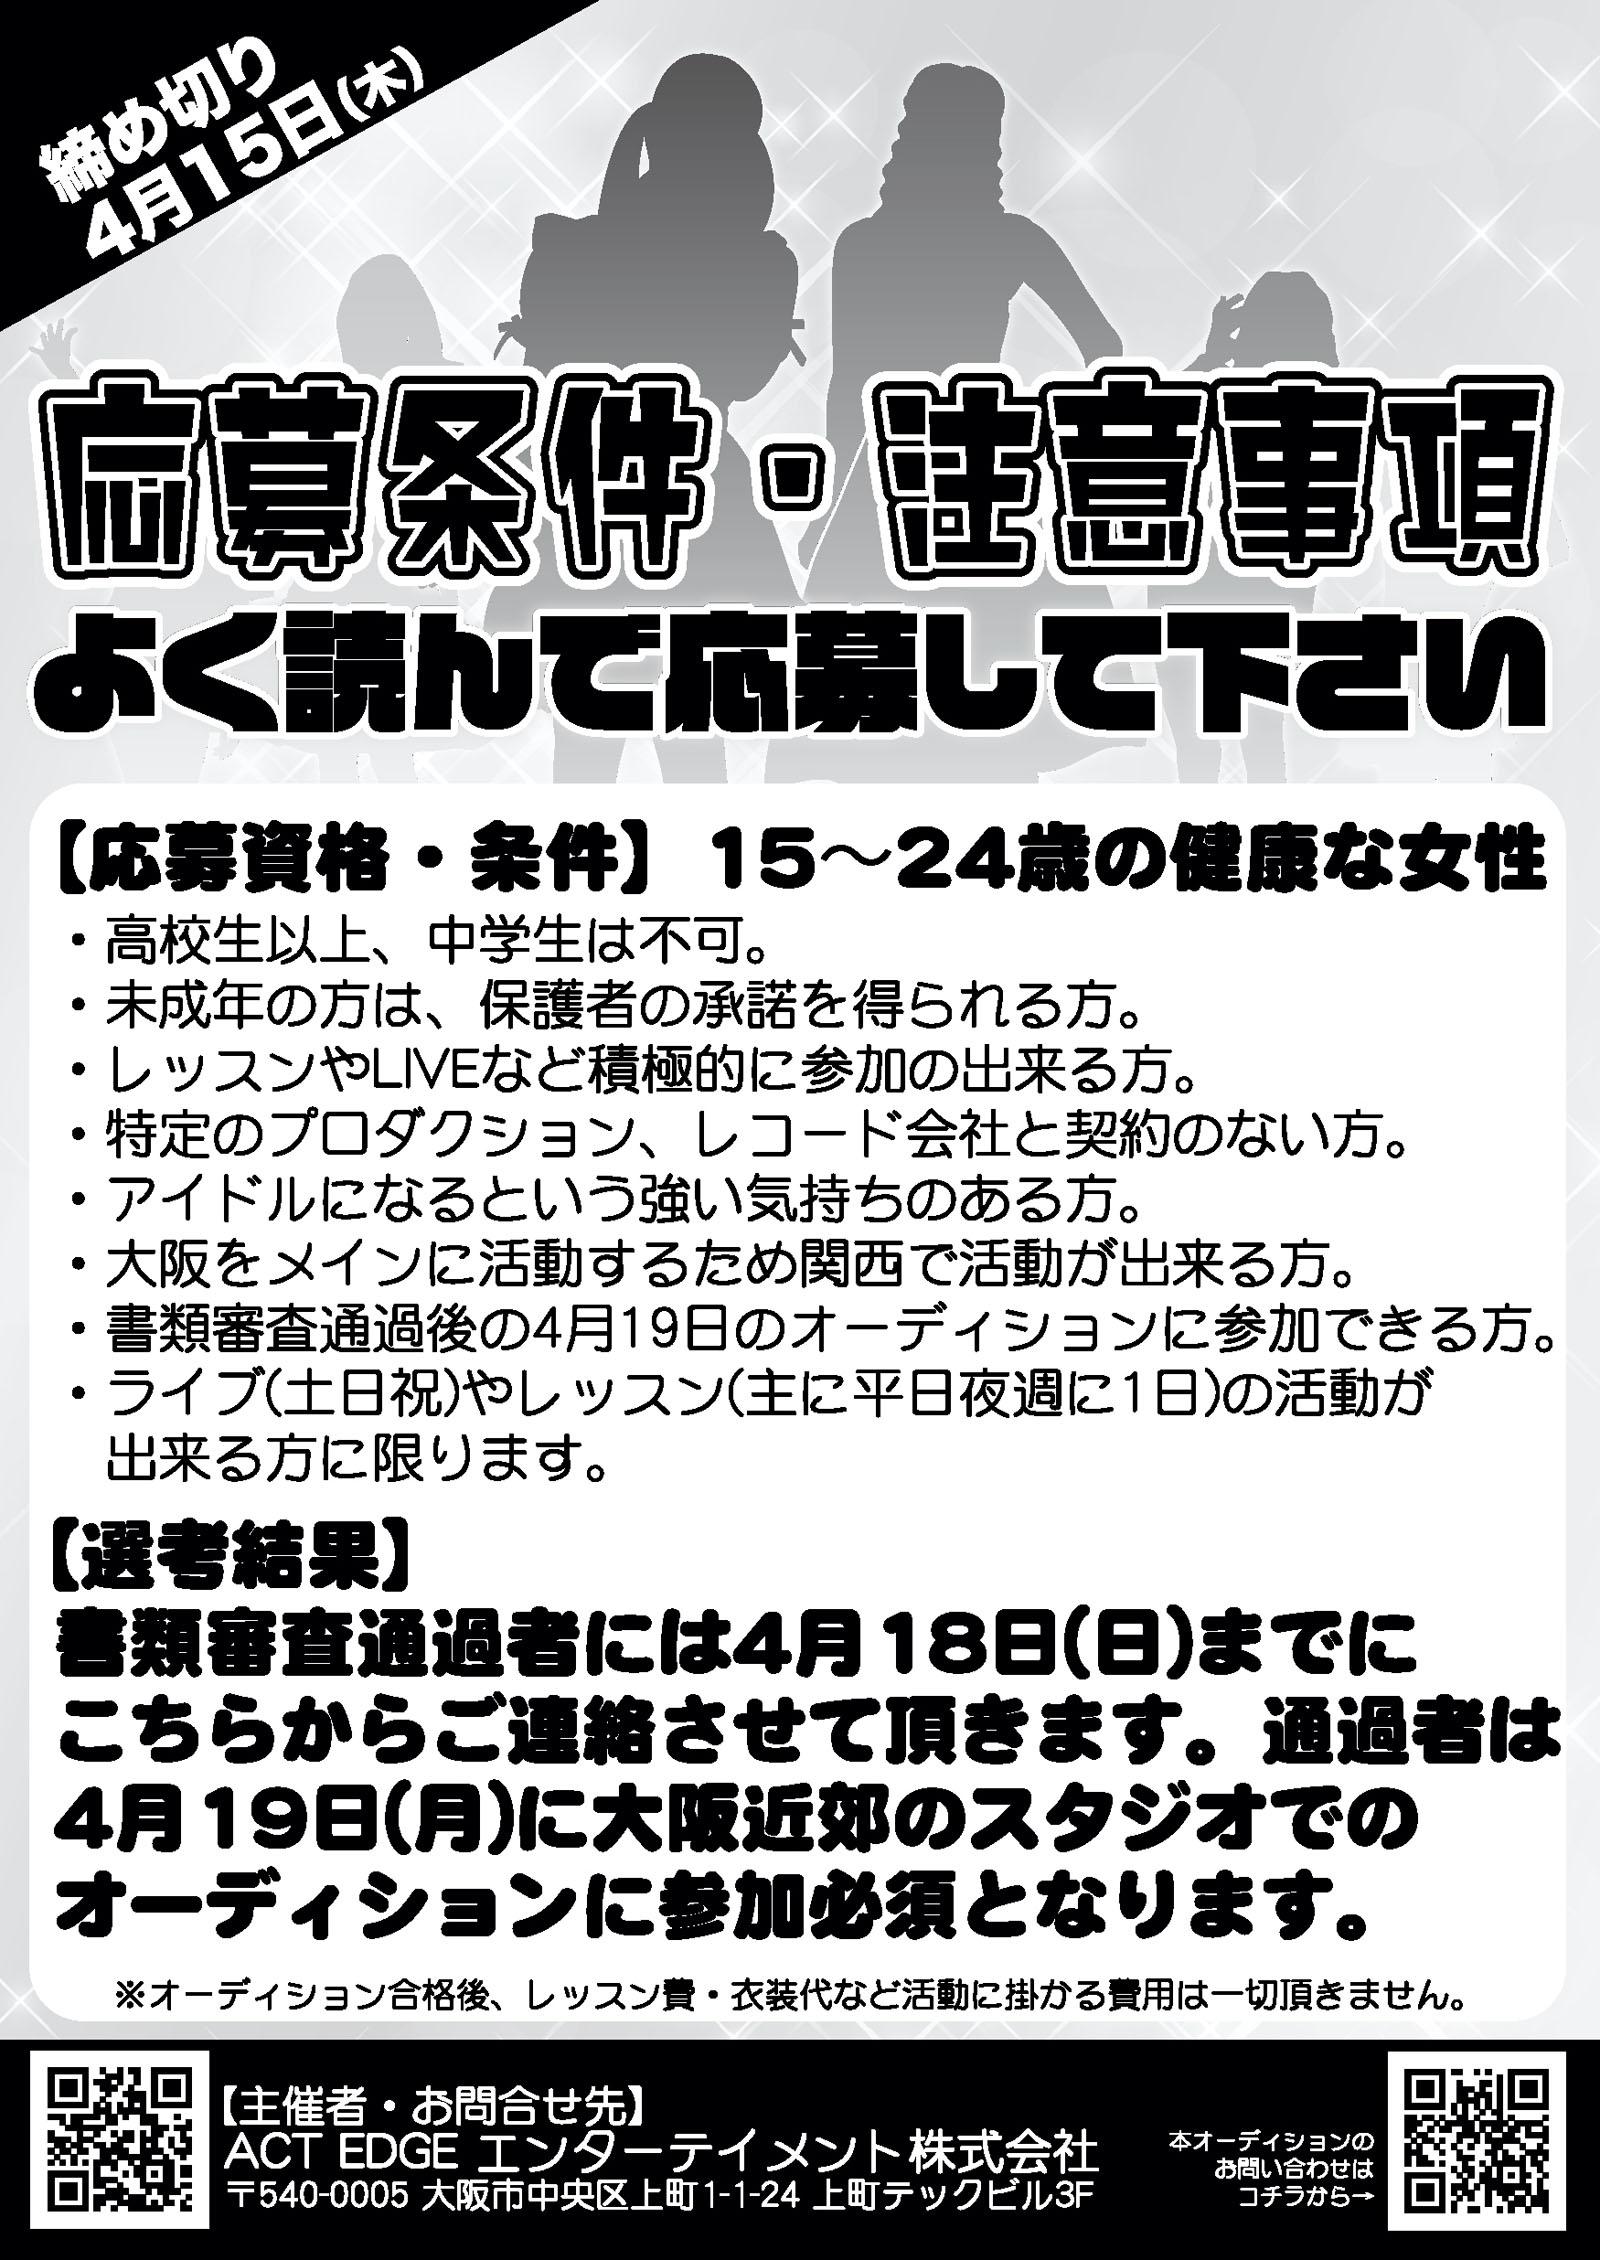 0307_A5_ura_monokuro_ol